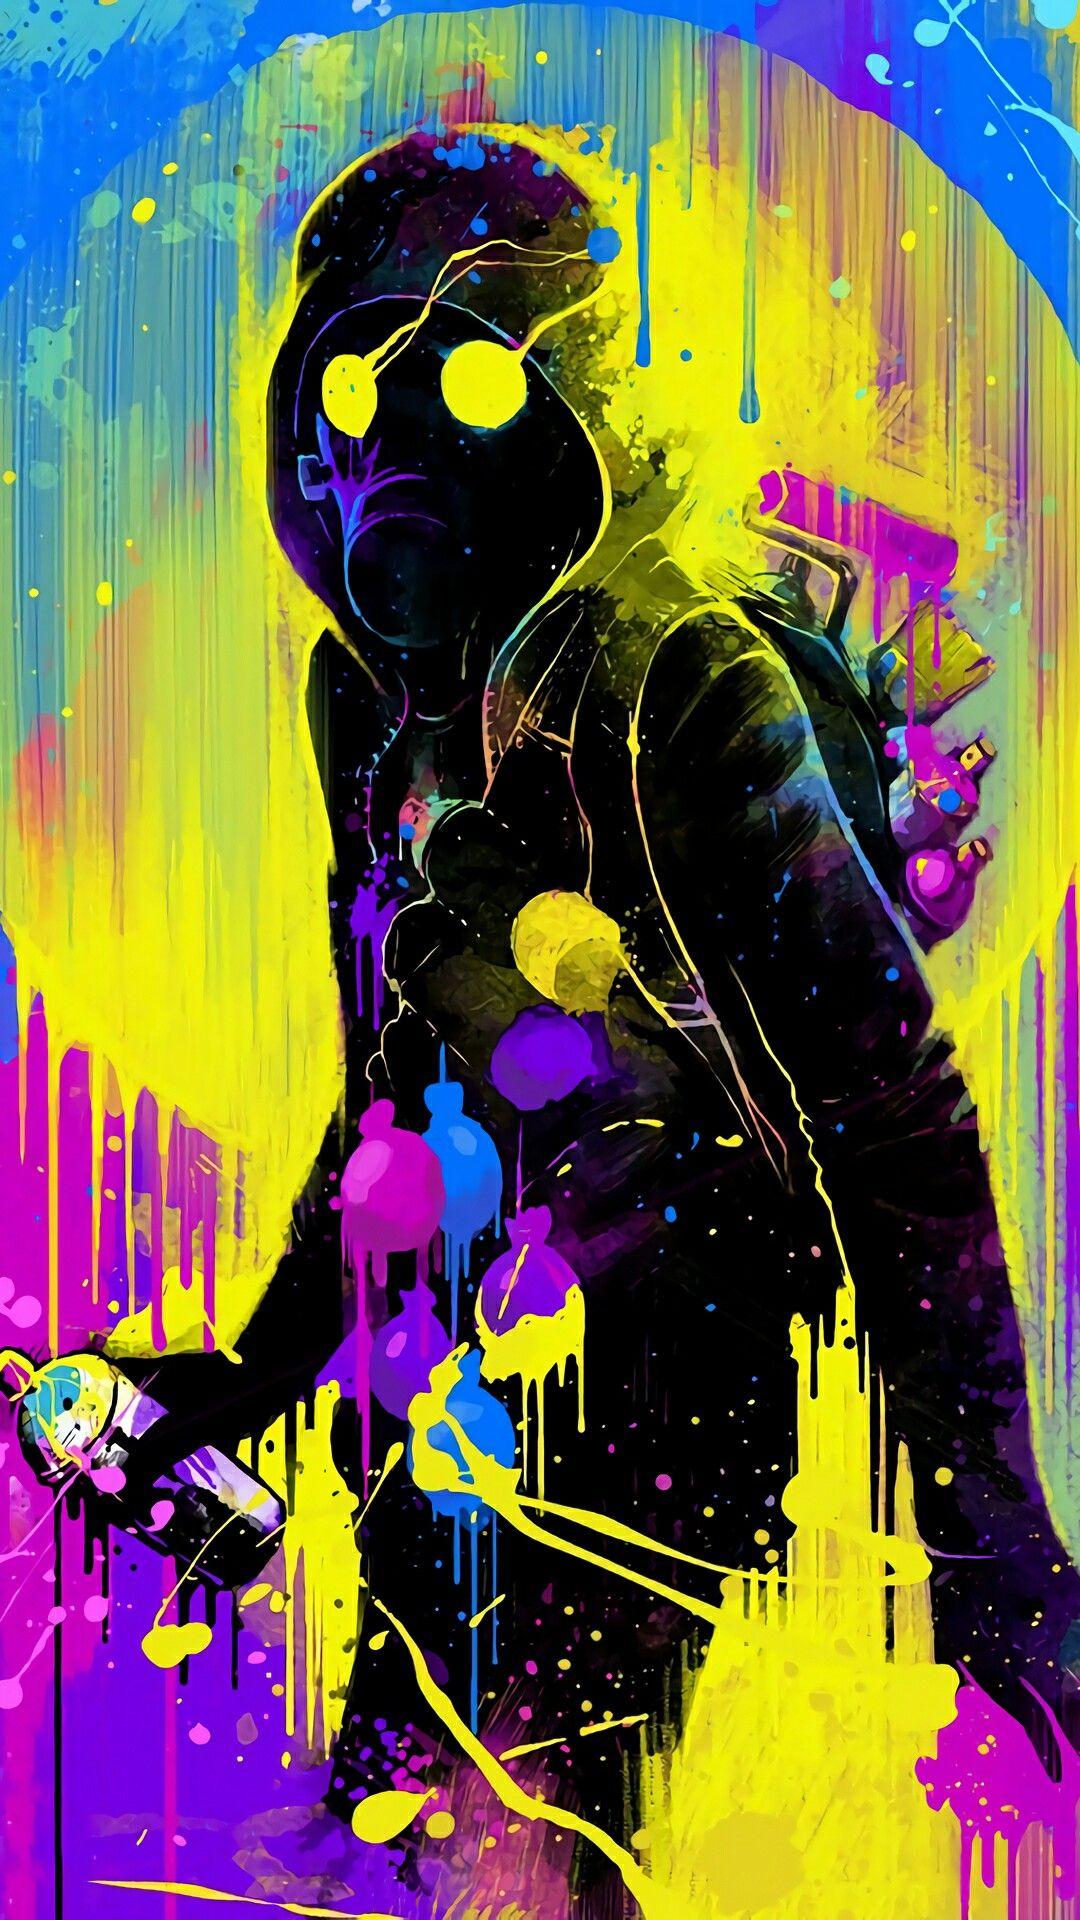 Graffiti Grff¡t¡ (tr€€t Art) Pinterest Graffiti